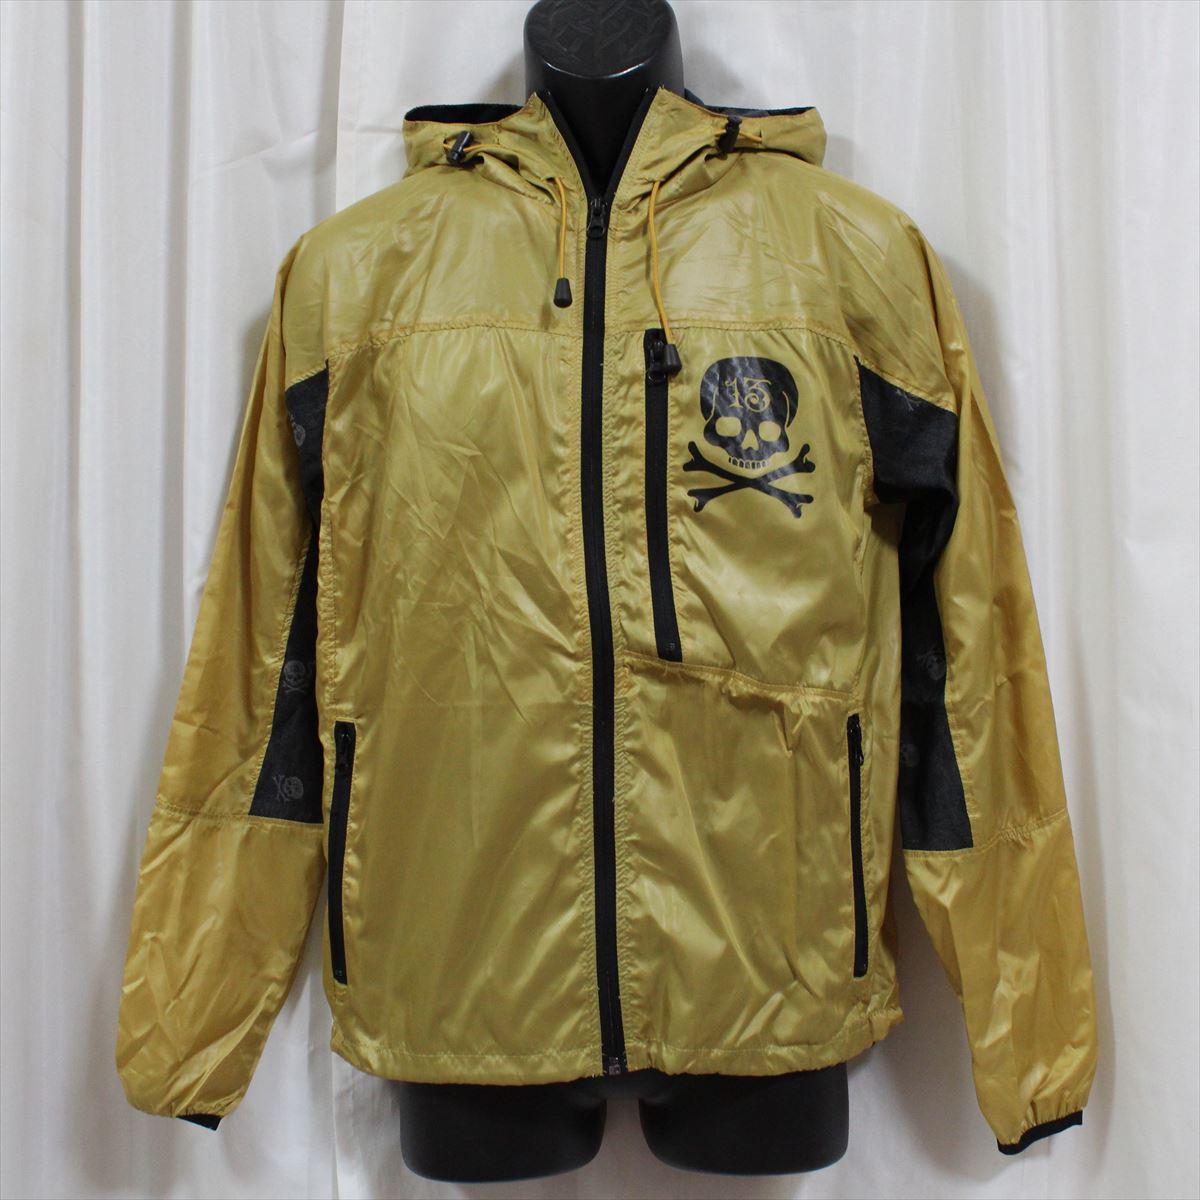 【送料無料】エドハーディーed hardy メンズウィンドブレーカー ジャケット ゴールド M09DSW553 新品 ポケッタブル ウィンドジャケット